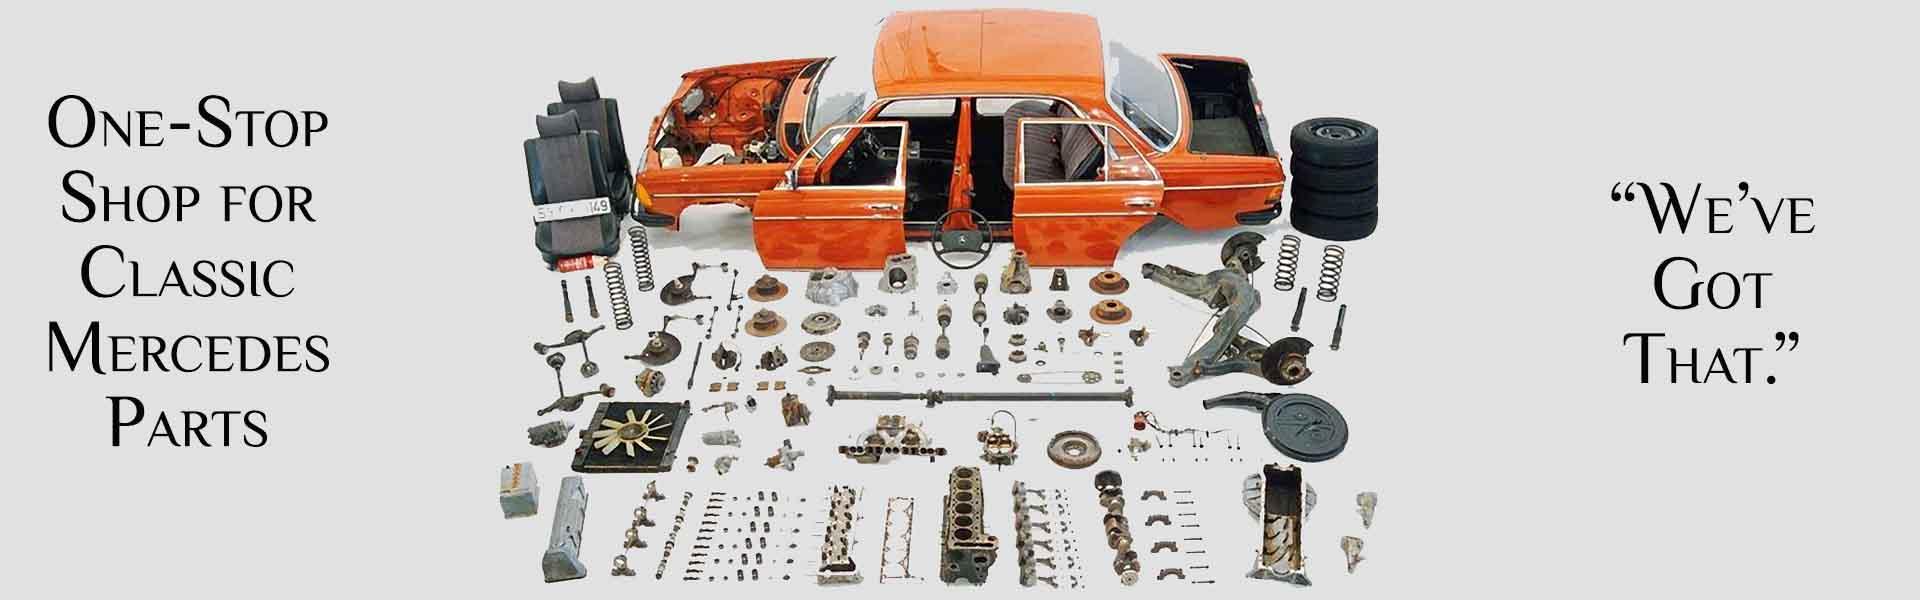 MBZ Parts: Classic Mercedes Parts Online Store